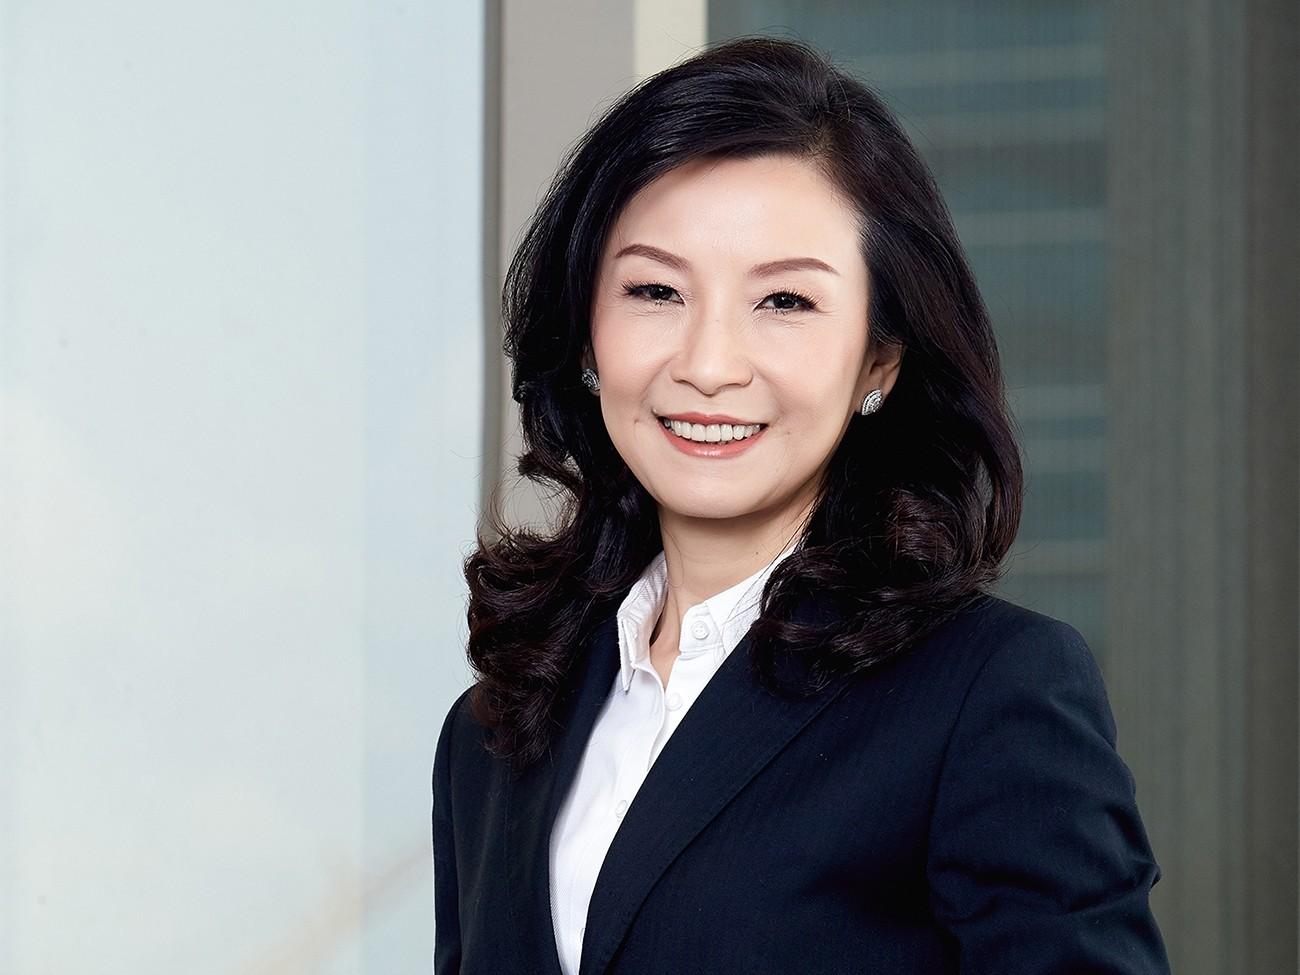 นางนางพรทิพา ชินเวชกิจวานิชย์ กรรมการผู้จัดการใหญ่ บริษัท กัลฟ์ เอ็นเนอร์จี ดีเวลลอปเมนท์ จำกัด (มหาชน) หรือ GULF